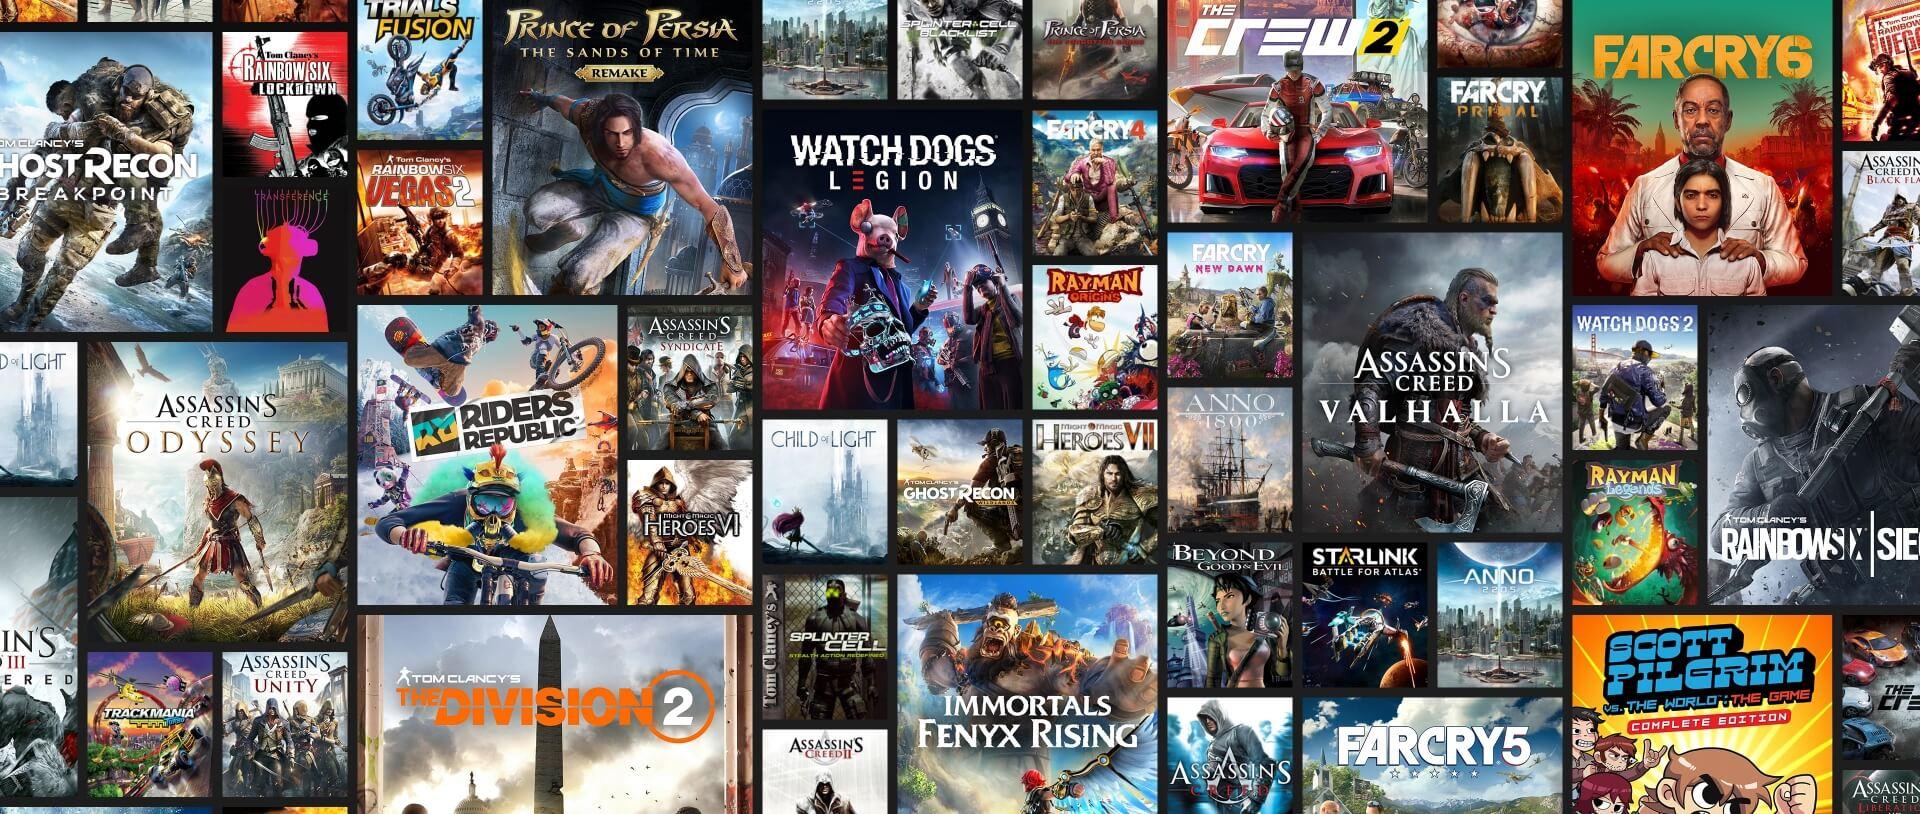 Mosaik, das die Neuerscheinungen von Ubisoft und die im Ubisoft+ Abonnement enthaltene Spielebibliothek von über 100 Spielen darstellt.